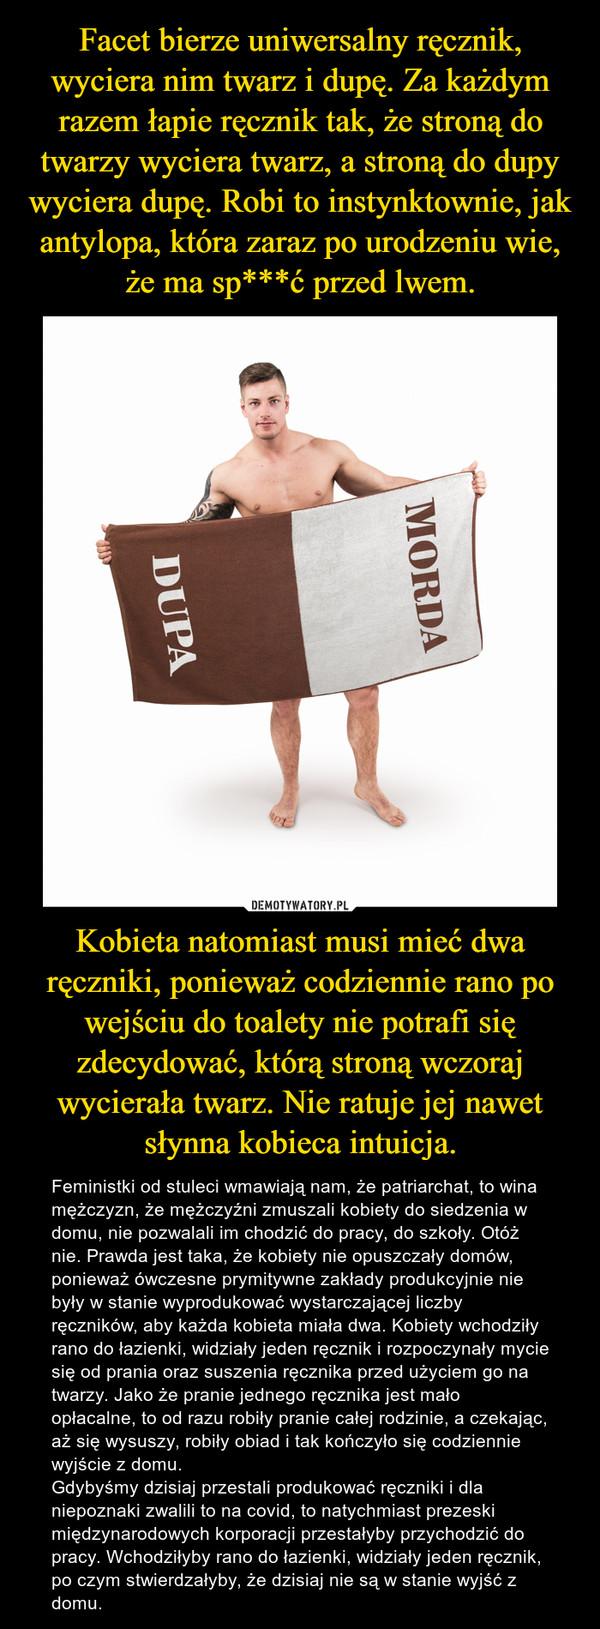 Kobieta natomiast musi mieć dwa ręczniki, ponieważ codziennie rano po wejściu do toalety nie potrafi się zdecydować, którą stroną wczoraj wycierała twarz. Nie ratuje jej nawet słynna kobieca intuicja. – Feministki od stuleci wmawiają nam, że patriarchat, to wina mężczyzn, że mężczyźni zmuszali kobiety do siedzenia w domu, nie pozwalali im chodzić do pracy, do szkoły. Otóż nie. Prawda jest taka, że kobiety nie opuszczały domów, ponieważ ówczesne prymitywne zakłady produkcyjnie nie były w stanie wyprodukować wystarczającej liczby ręczników, aby każda kobieta miała dwa. Kobiety wchodziły rano do łazienki, widziały jeden ręcznik i rozpoczynały mycie się od prania oraz suszenia ręcznika przed użyciem go na twarzy. Jako że pranie jednego ręcznika jest mało opłacalne, to od razu robiły pranie całej rodzinie, a czekając, aż się wysuszy, robiły obiad i tak kończyło się codziennie wyjście z domu.Gdybyśmy dzisiaj przestali produkować ręczniki i dla niepoznaki zwalili to na covid, to natychmiast prezeski międzynarodowych korporacji przestałyby przychodzić do pracy. Wchodziłyby rano do łazienki, widziały jeden ręcznik, po czym stwierdzałyby, że dzisiaj nie są w stanie wyjść z domu.